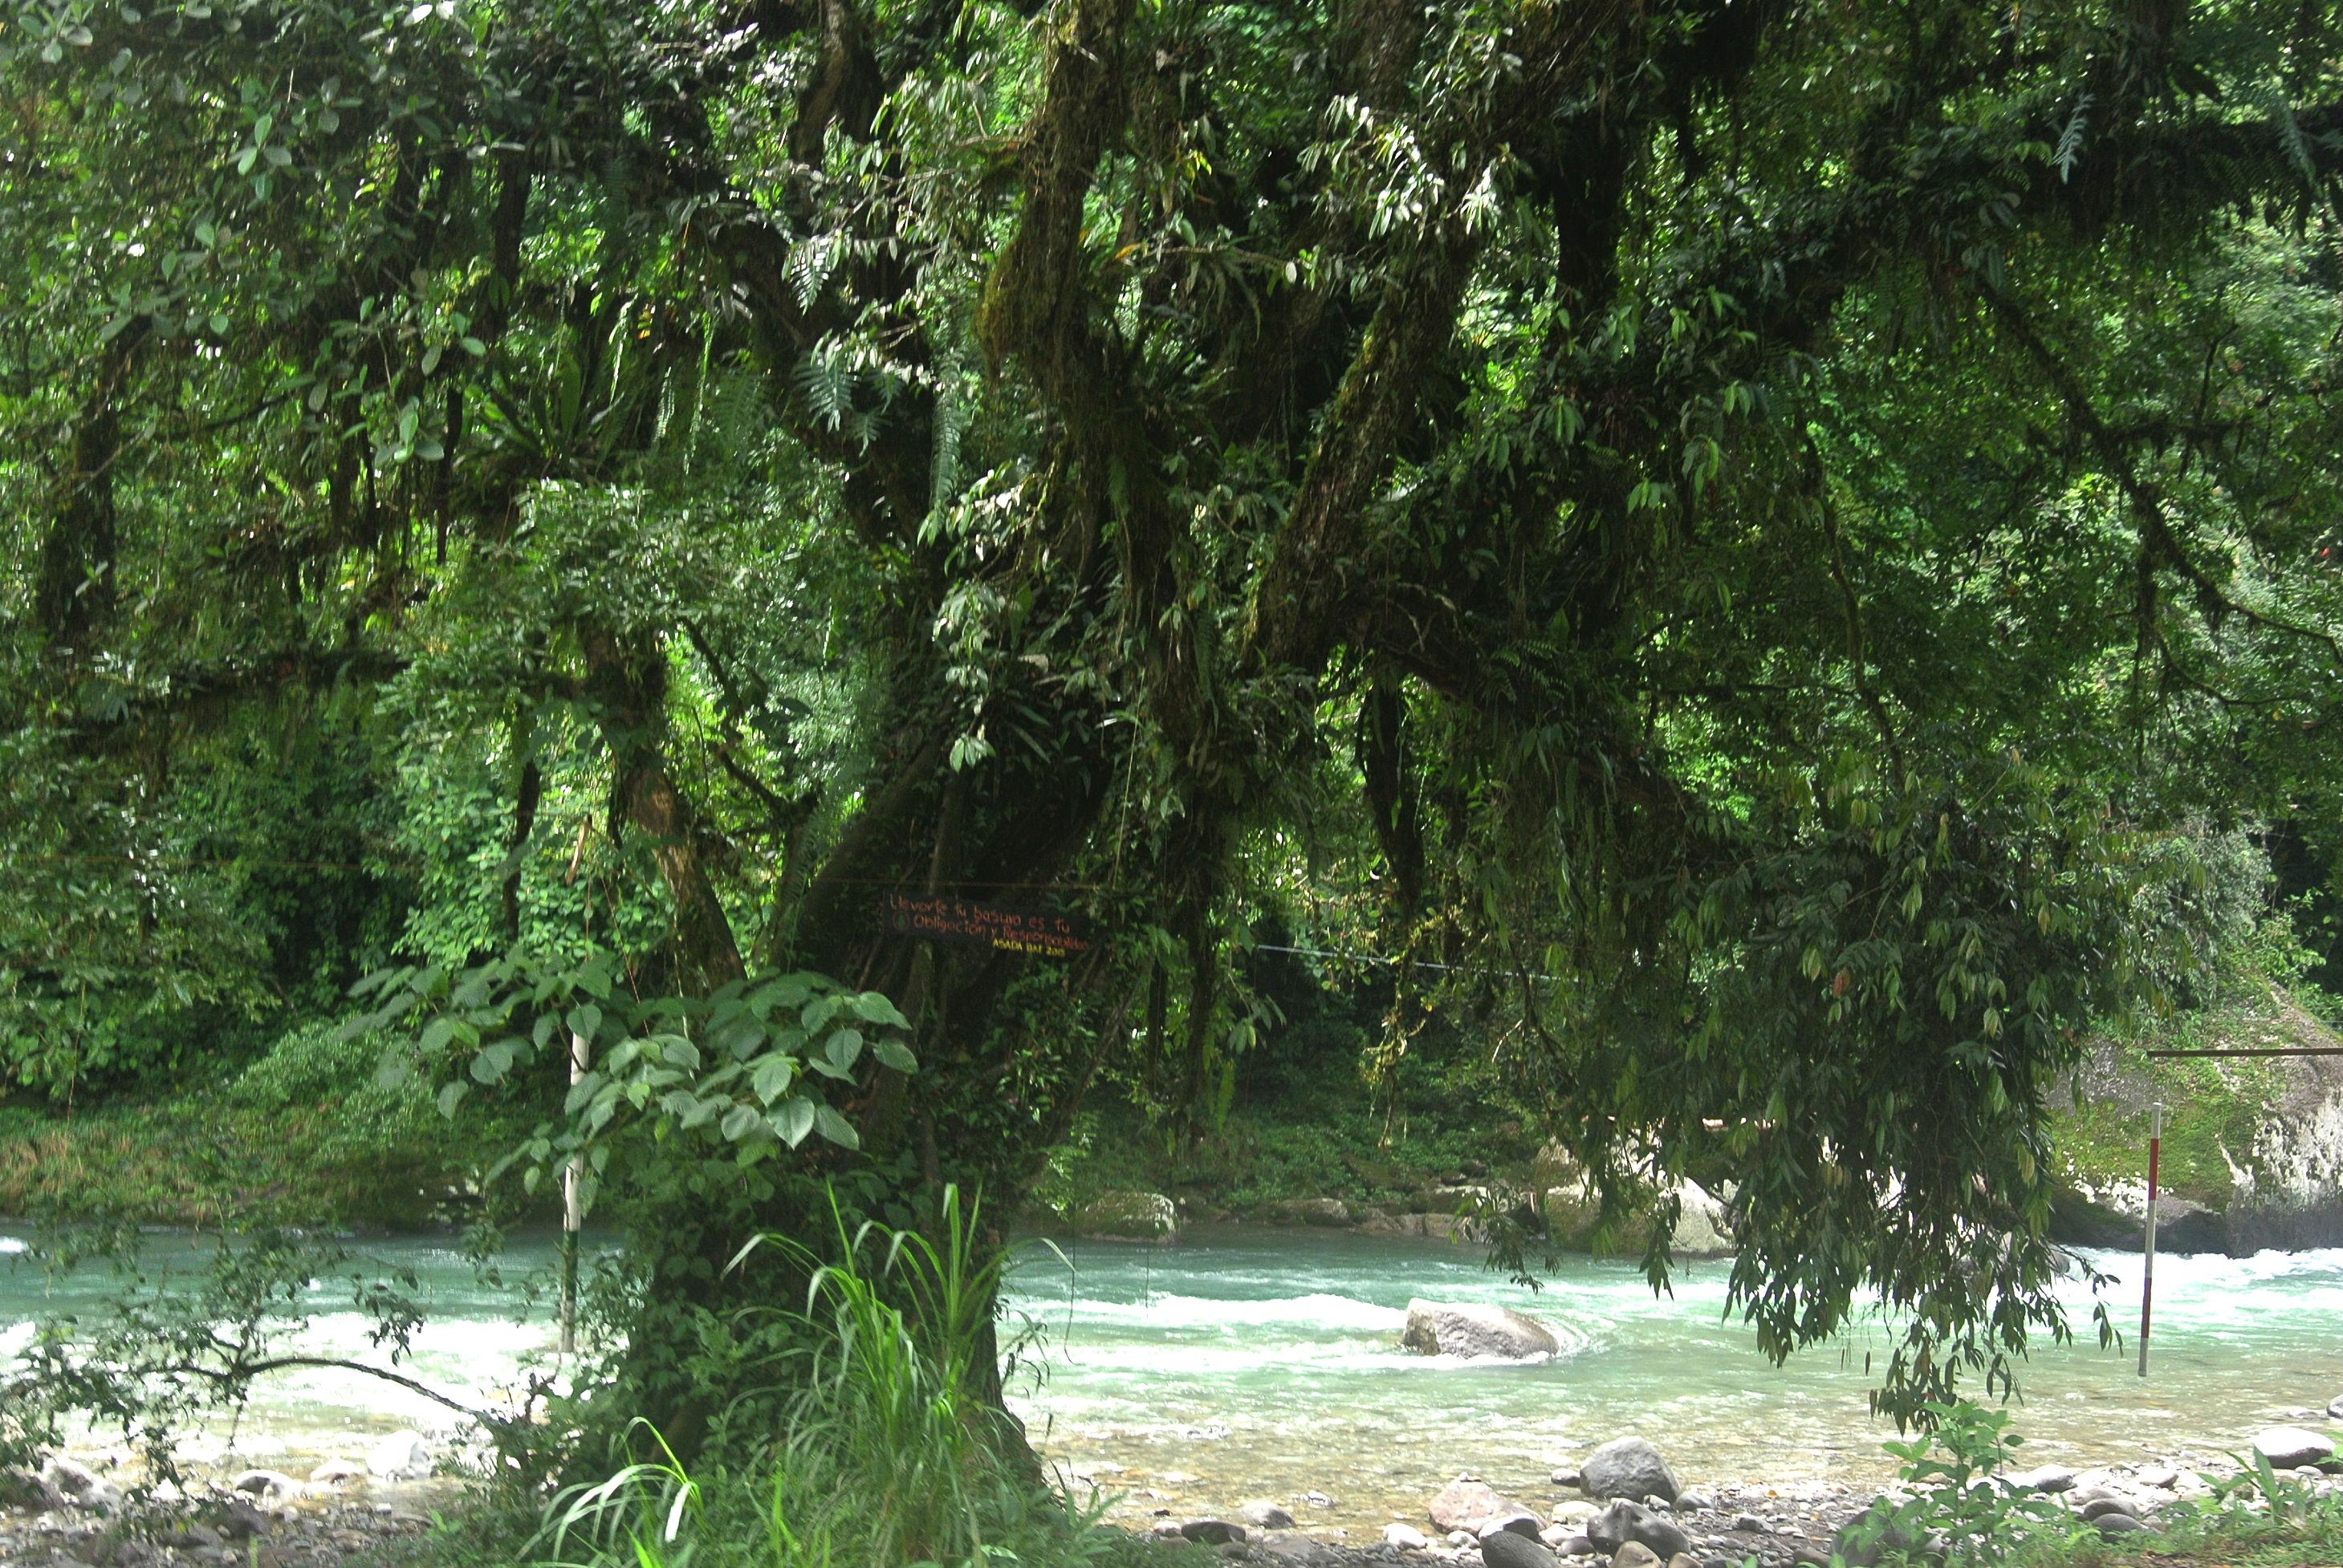 Rio Pejiballe, Turrialba valley